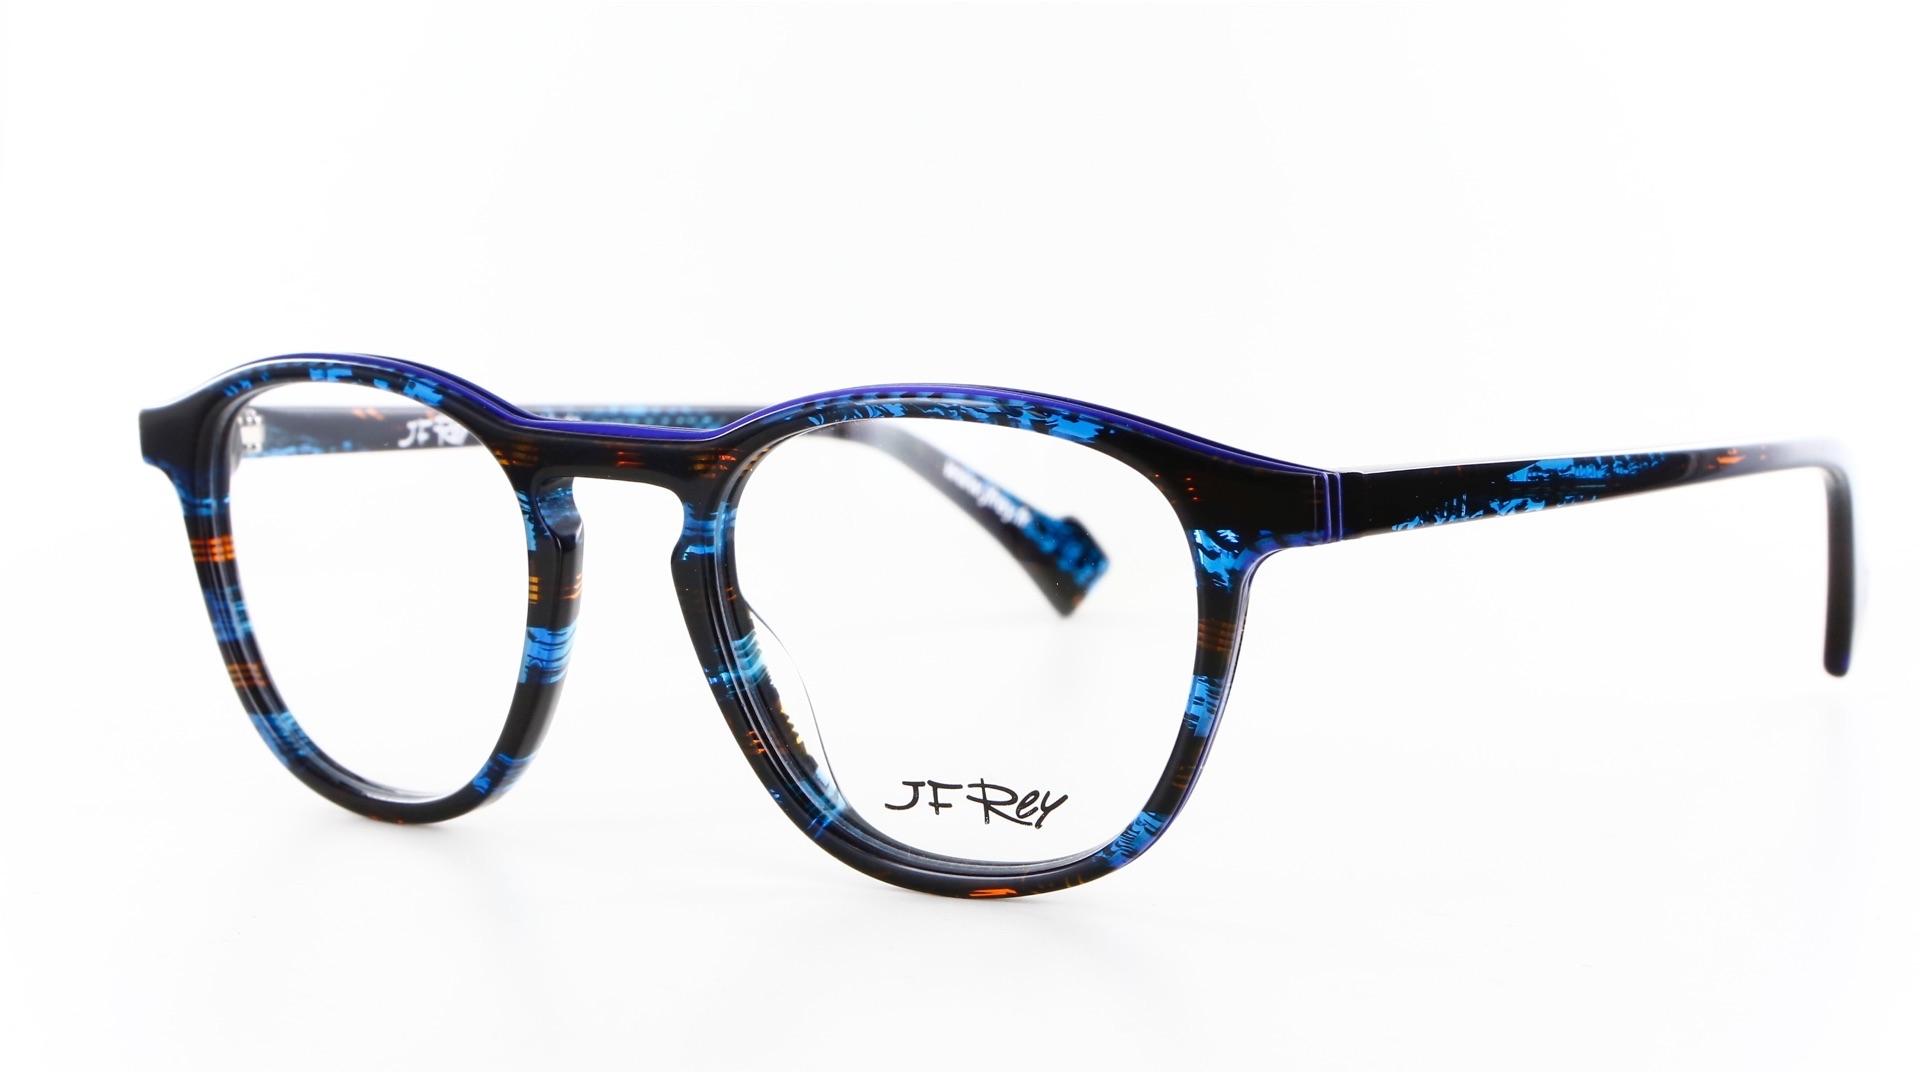 J.F. Rey - ref: 77688